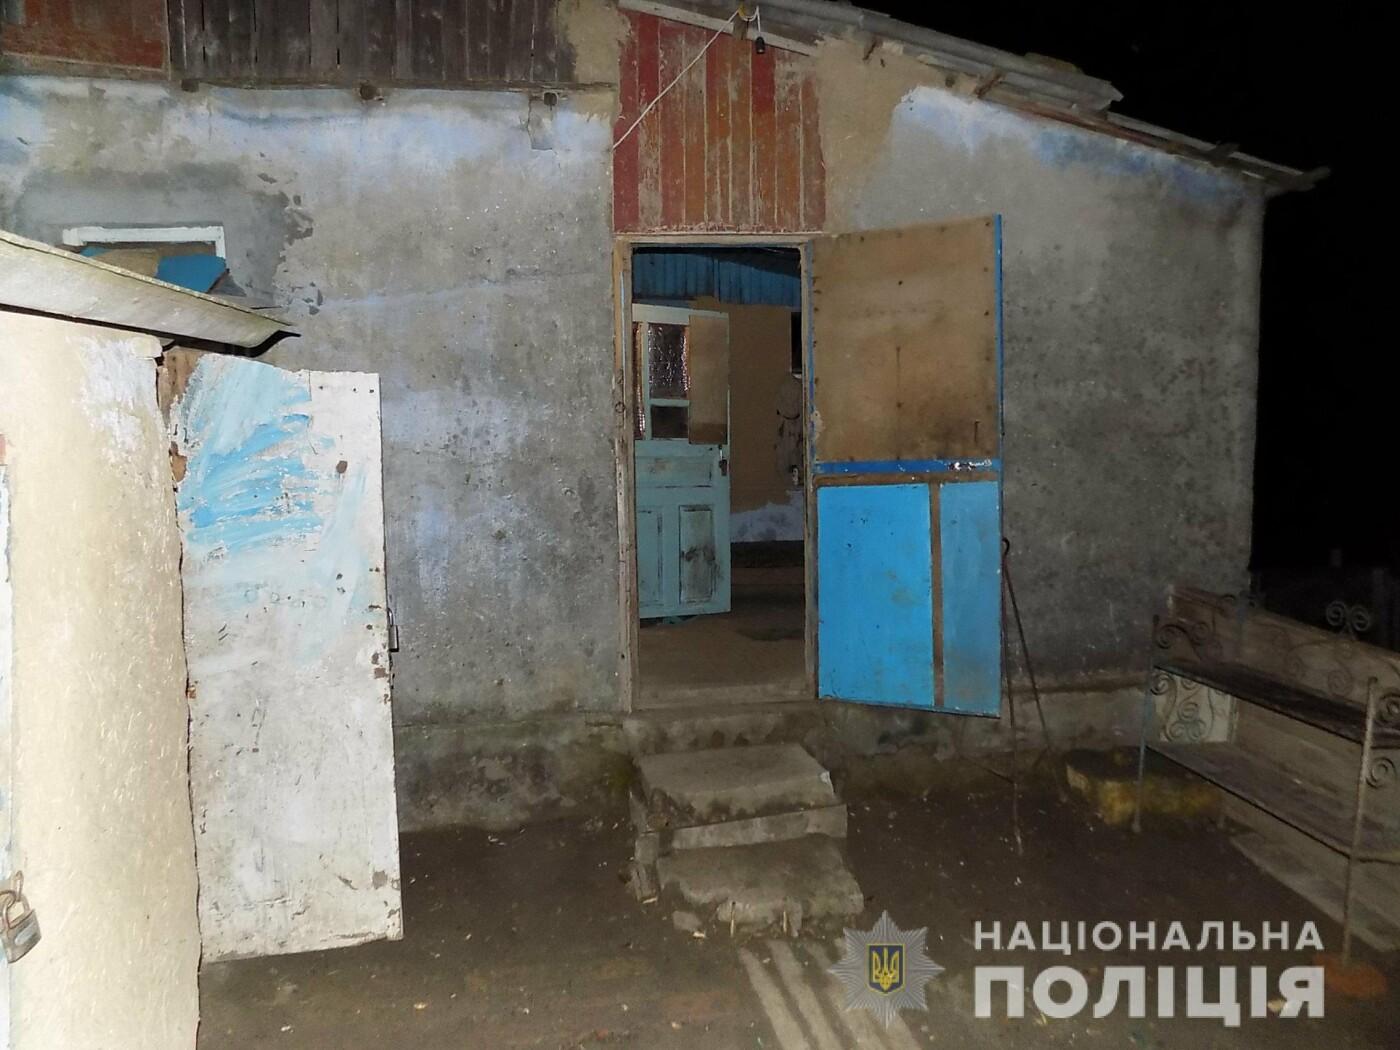 В Одесской области мужчина ударил топором своего отца из-за сигареты, - ФОТО, фото-2